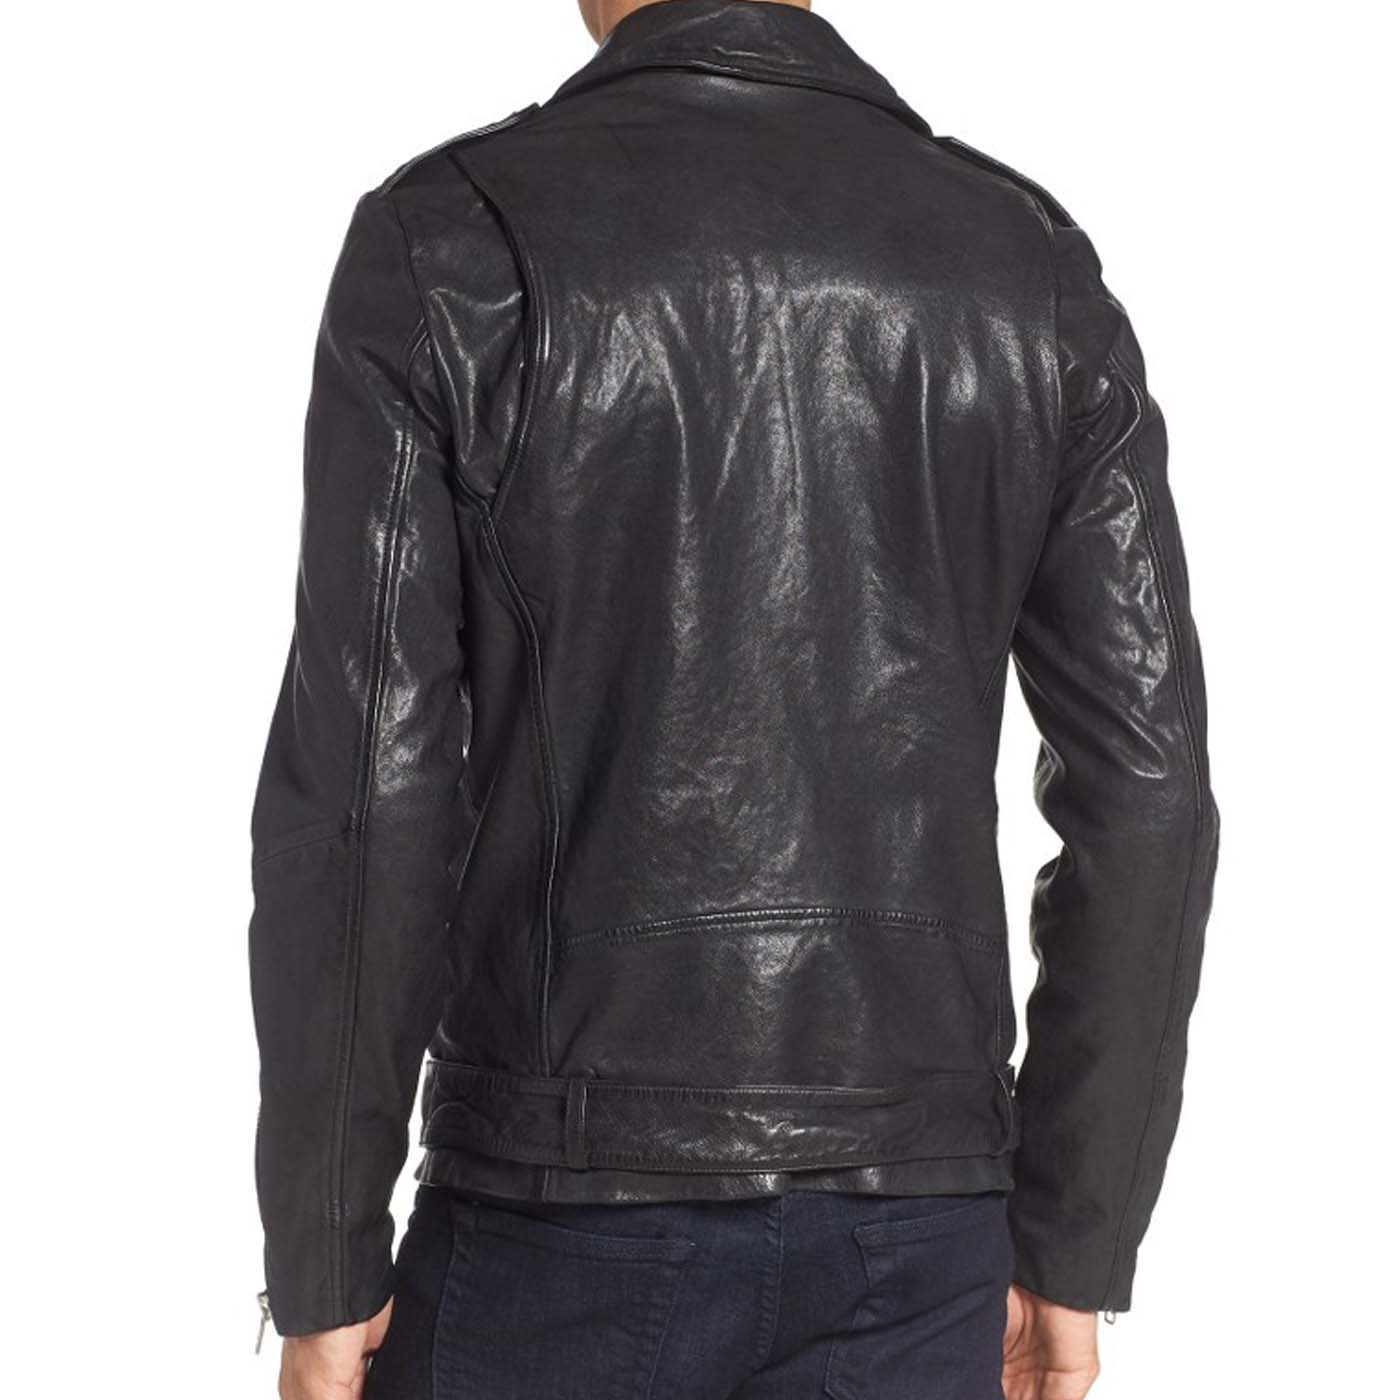 Leather Biker Jacket For Mens 3.